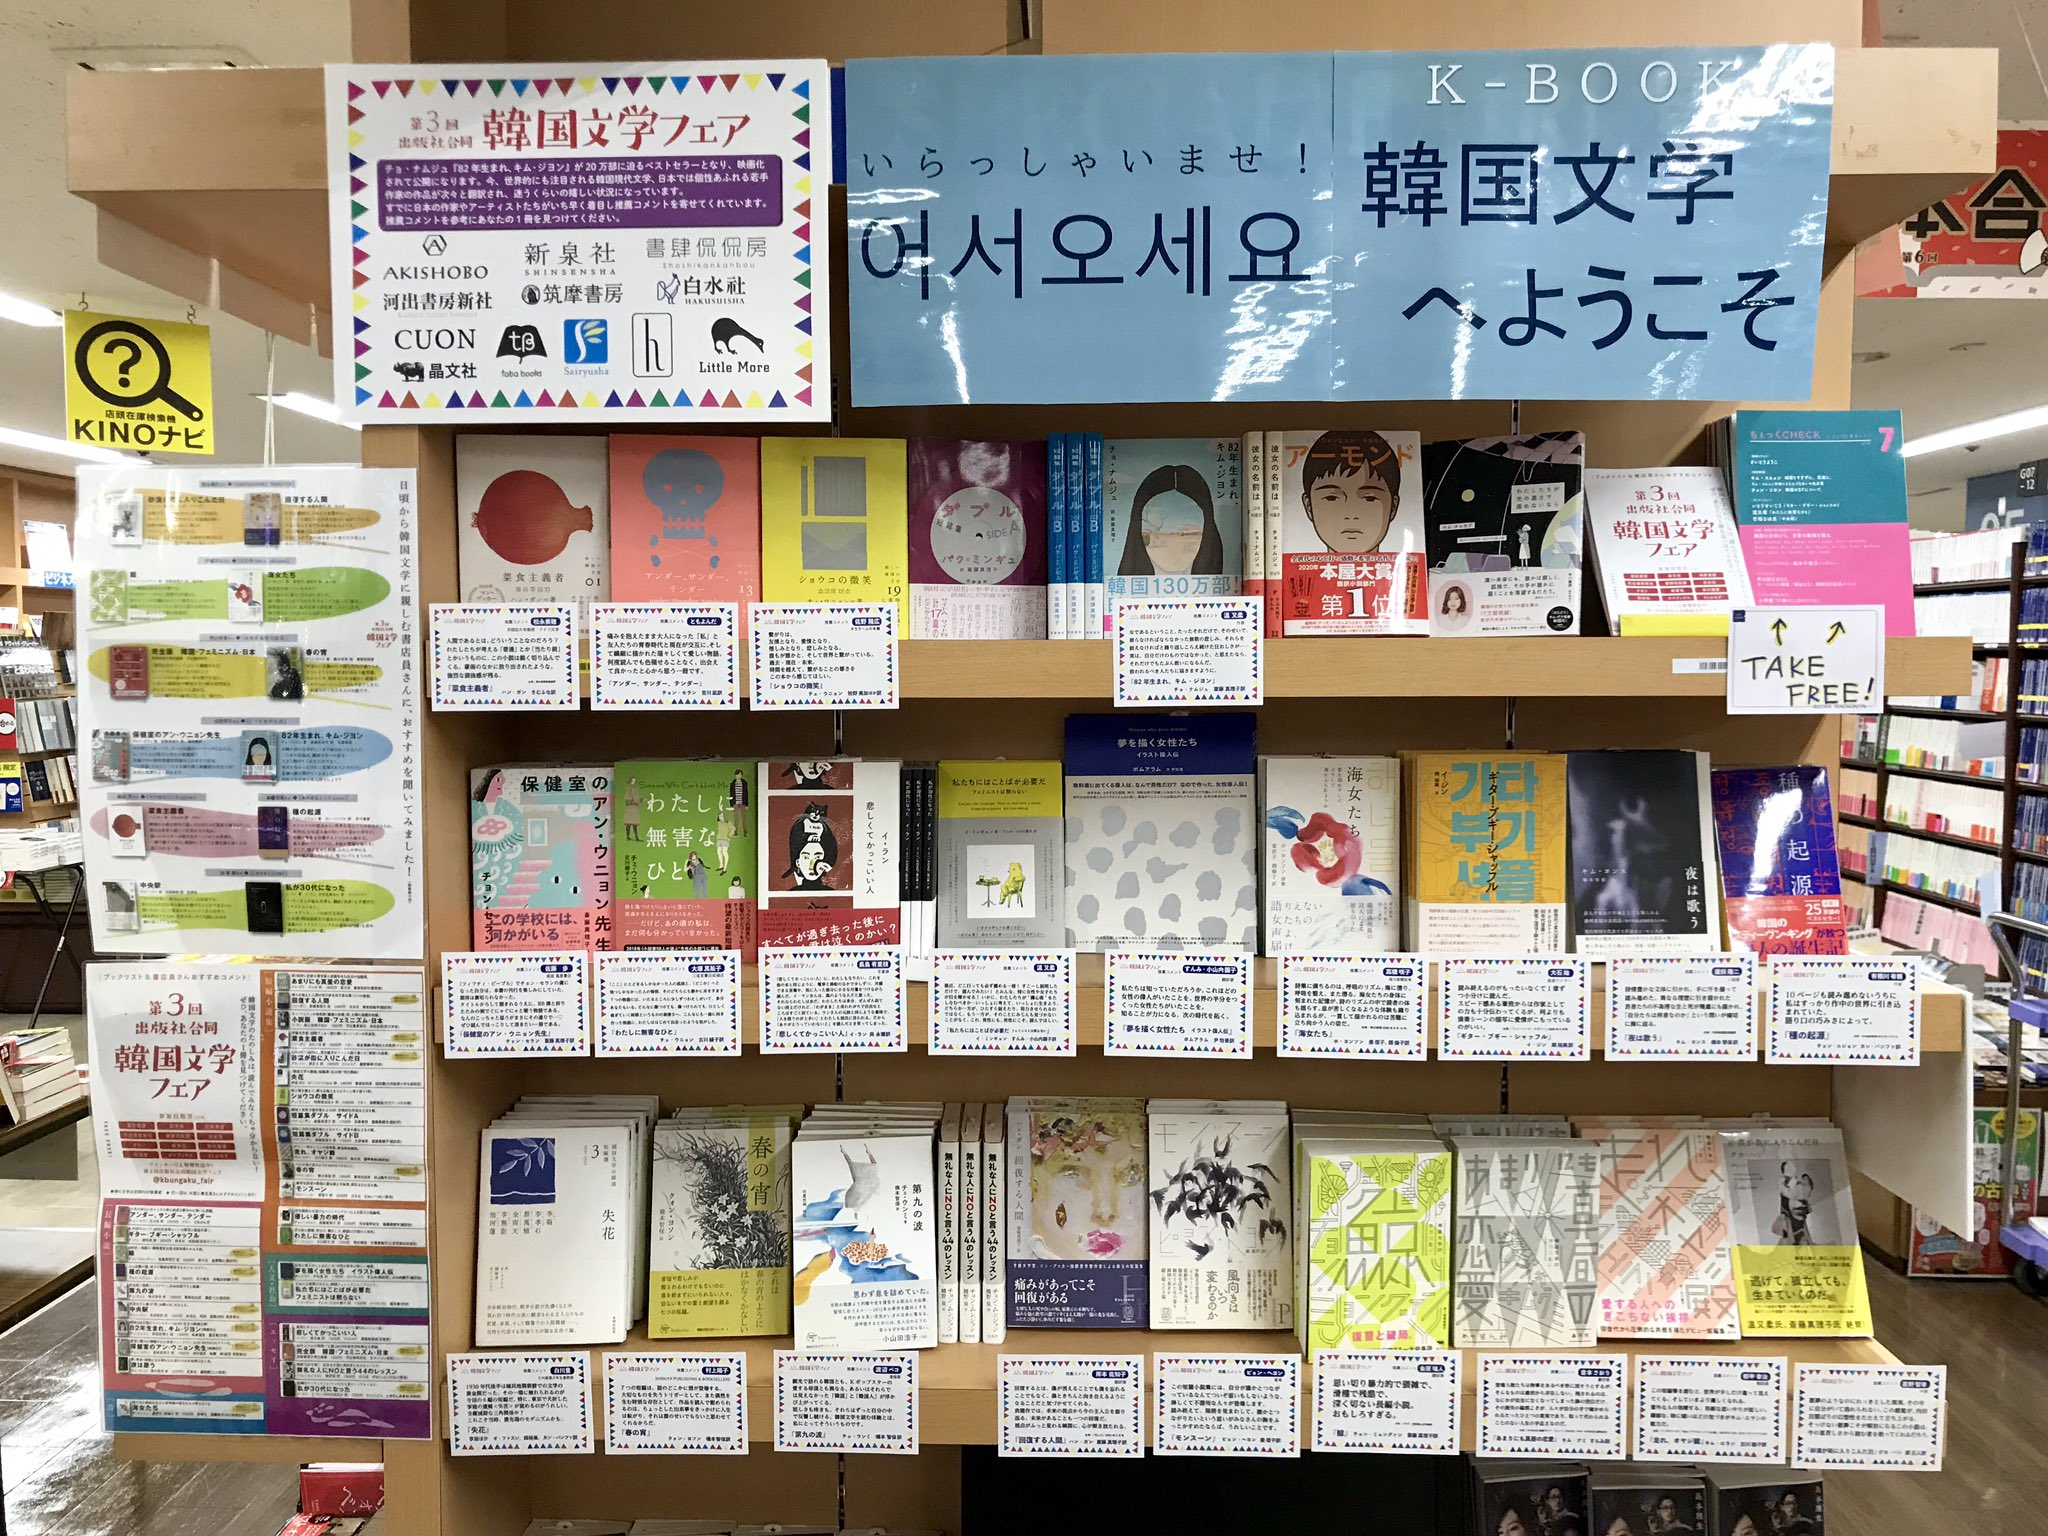 韓国文学へようこそ」フェア | 紀伊國屋書店 - 本の「今」に会いに行こう